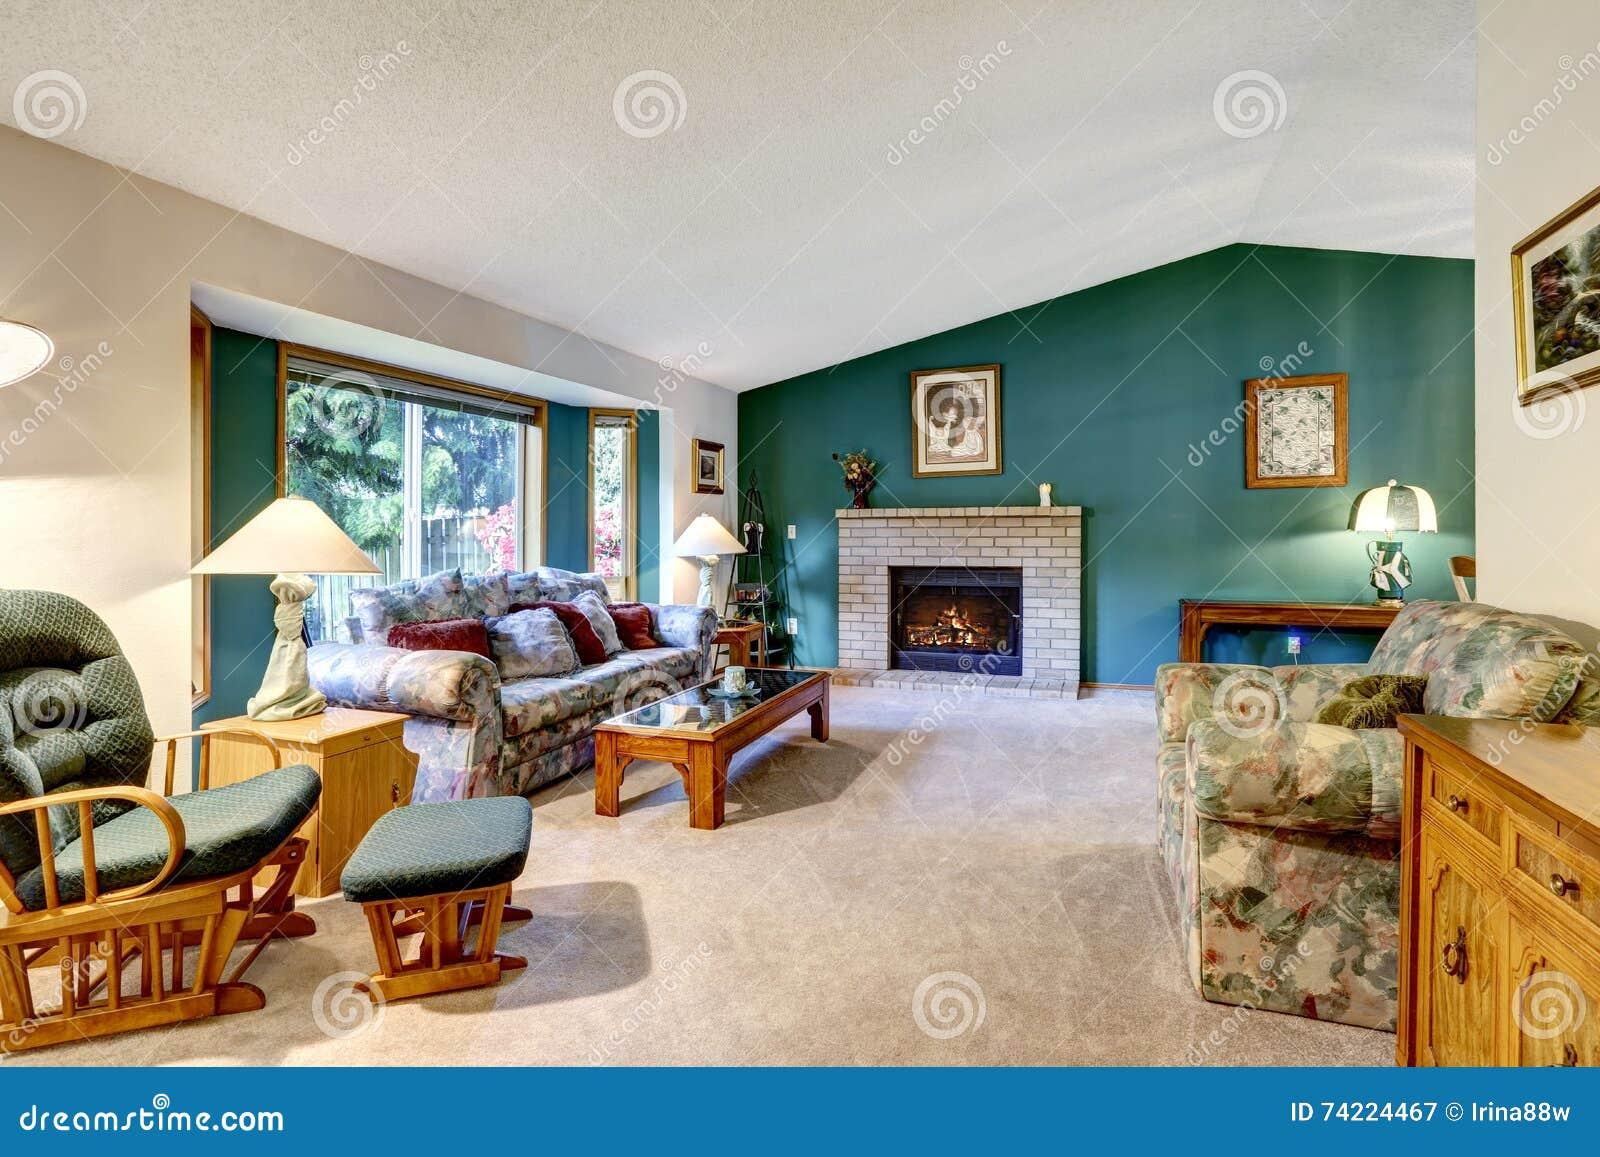 Kleurrijke Witte Woonkamer : Elegante witte en groene woonkamer klassiek amerikaans ontwerp